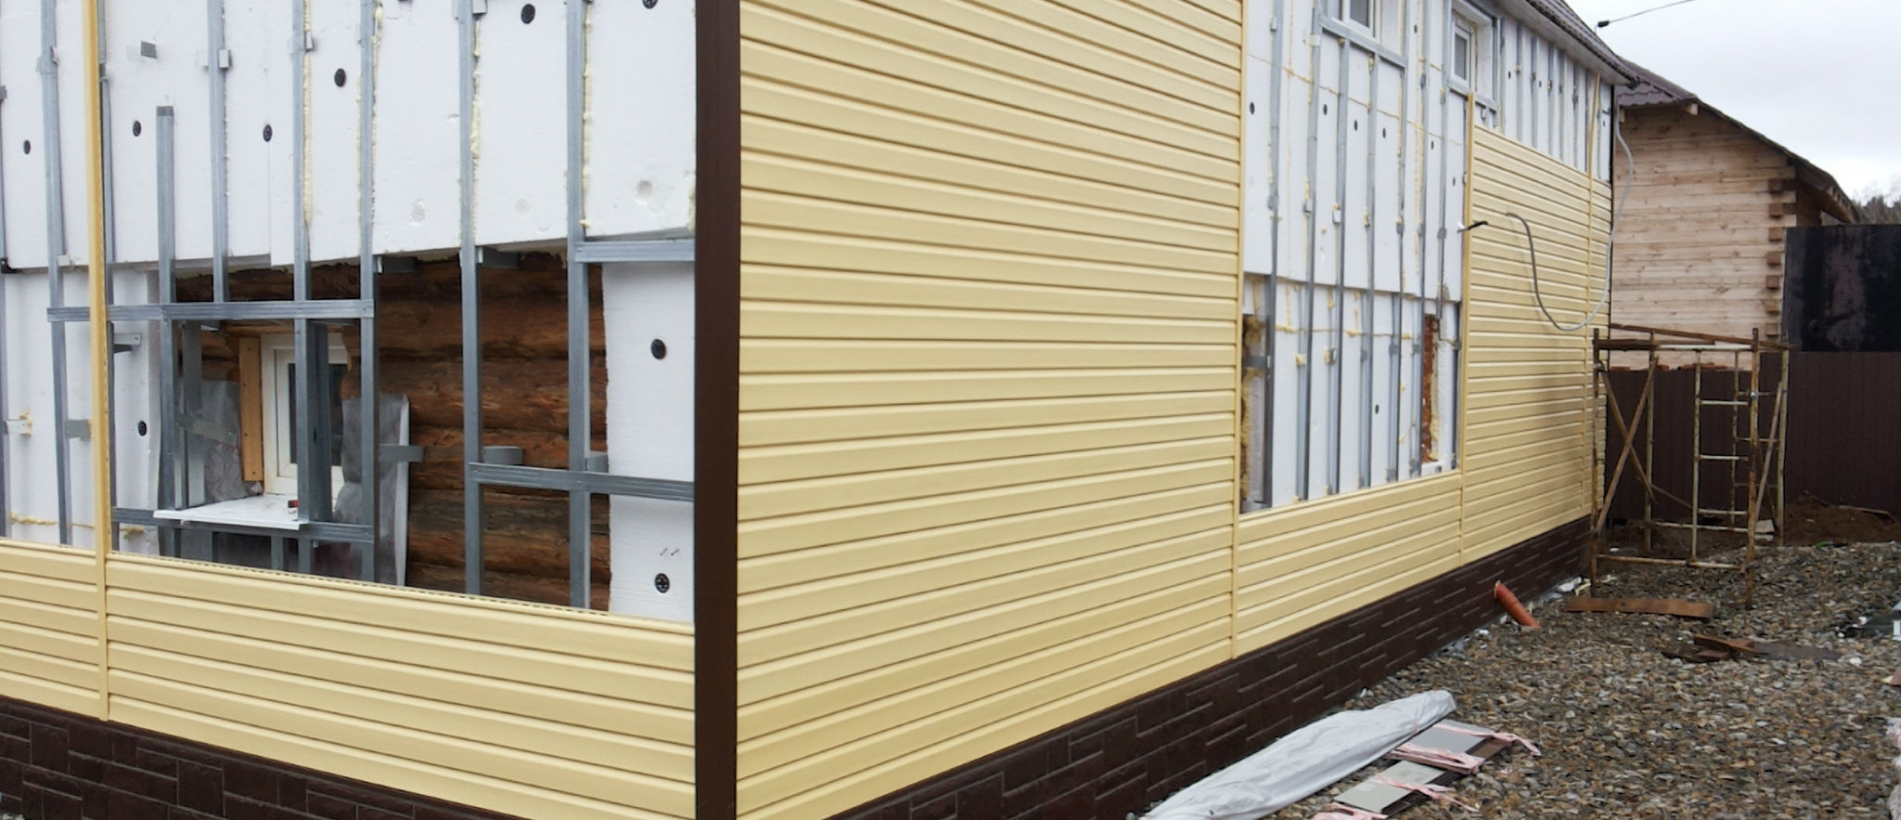 Утепление брусового дома снаружи под сайдинг и обшивка панелями своими руками